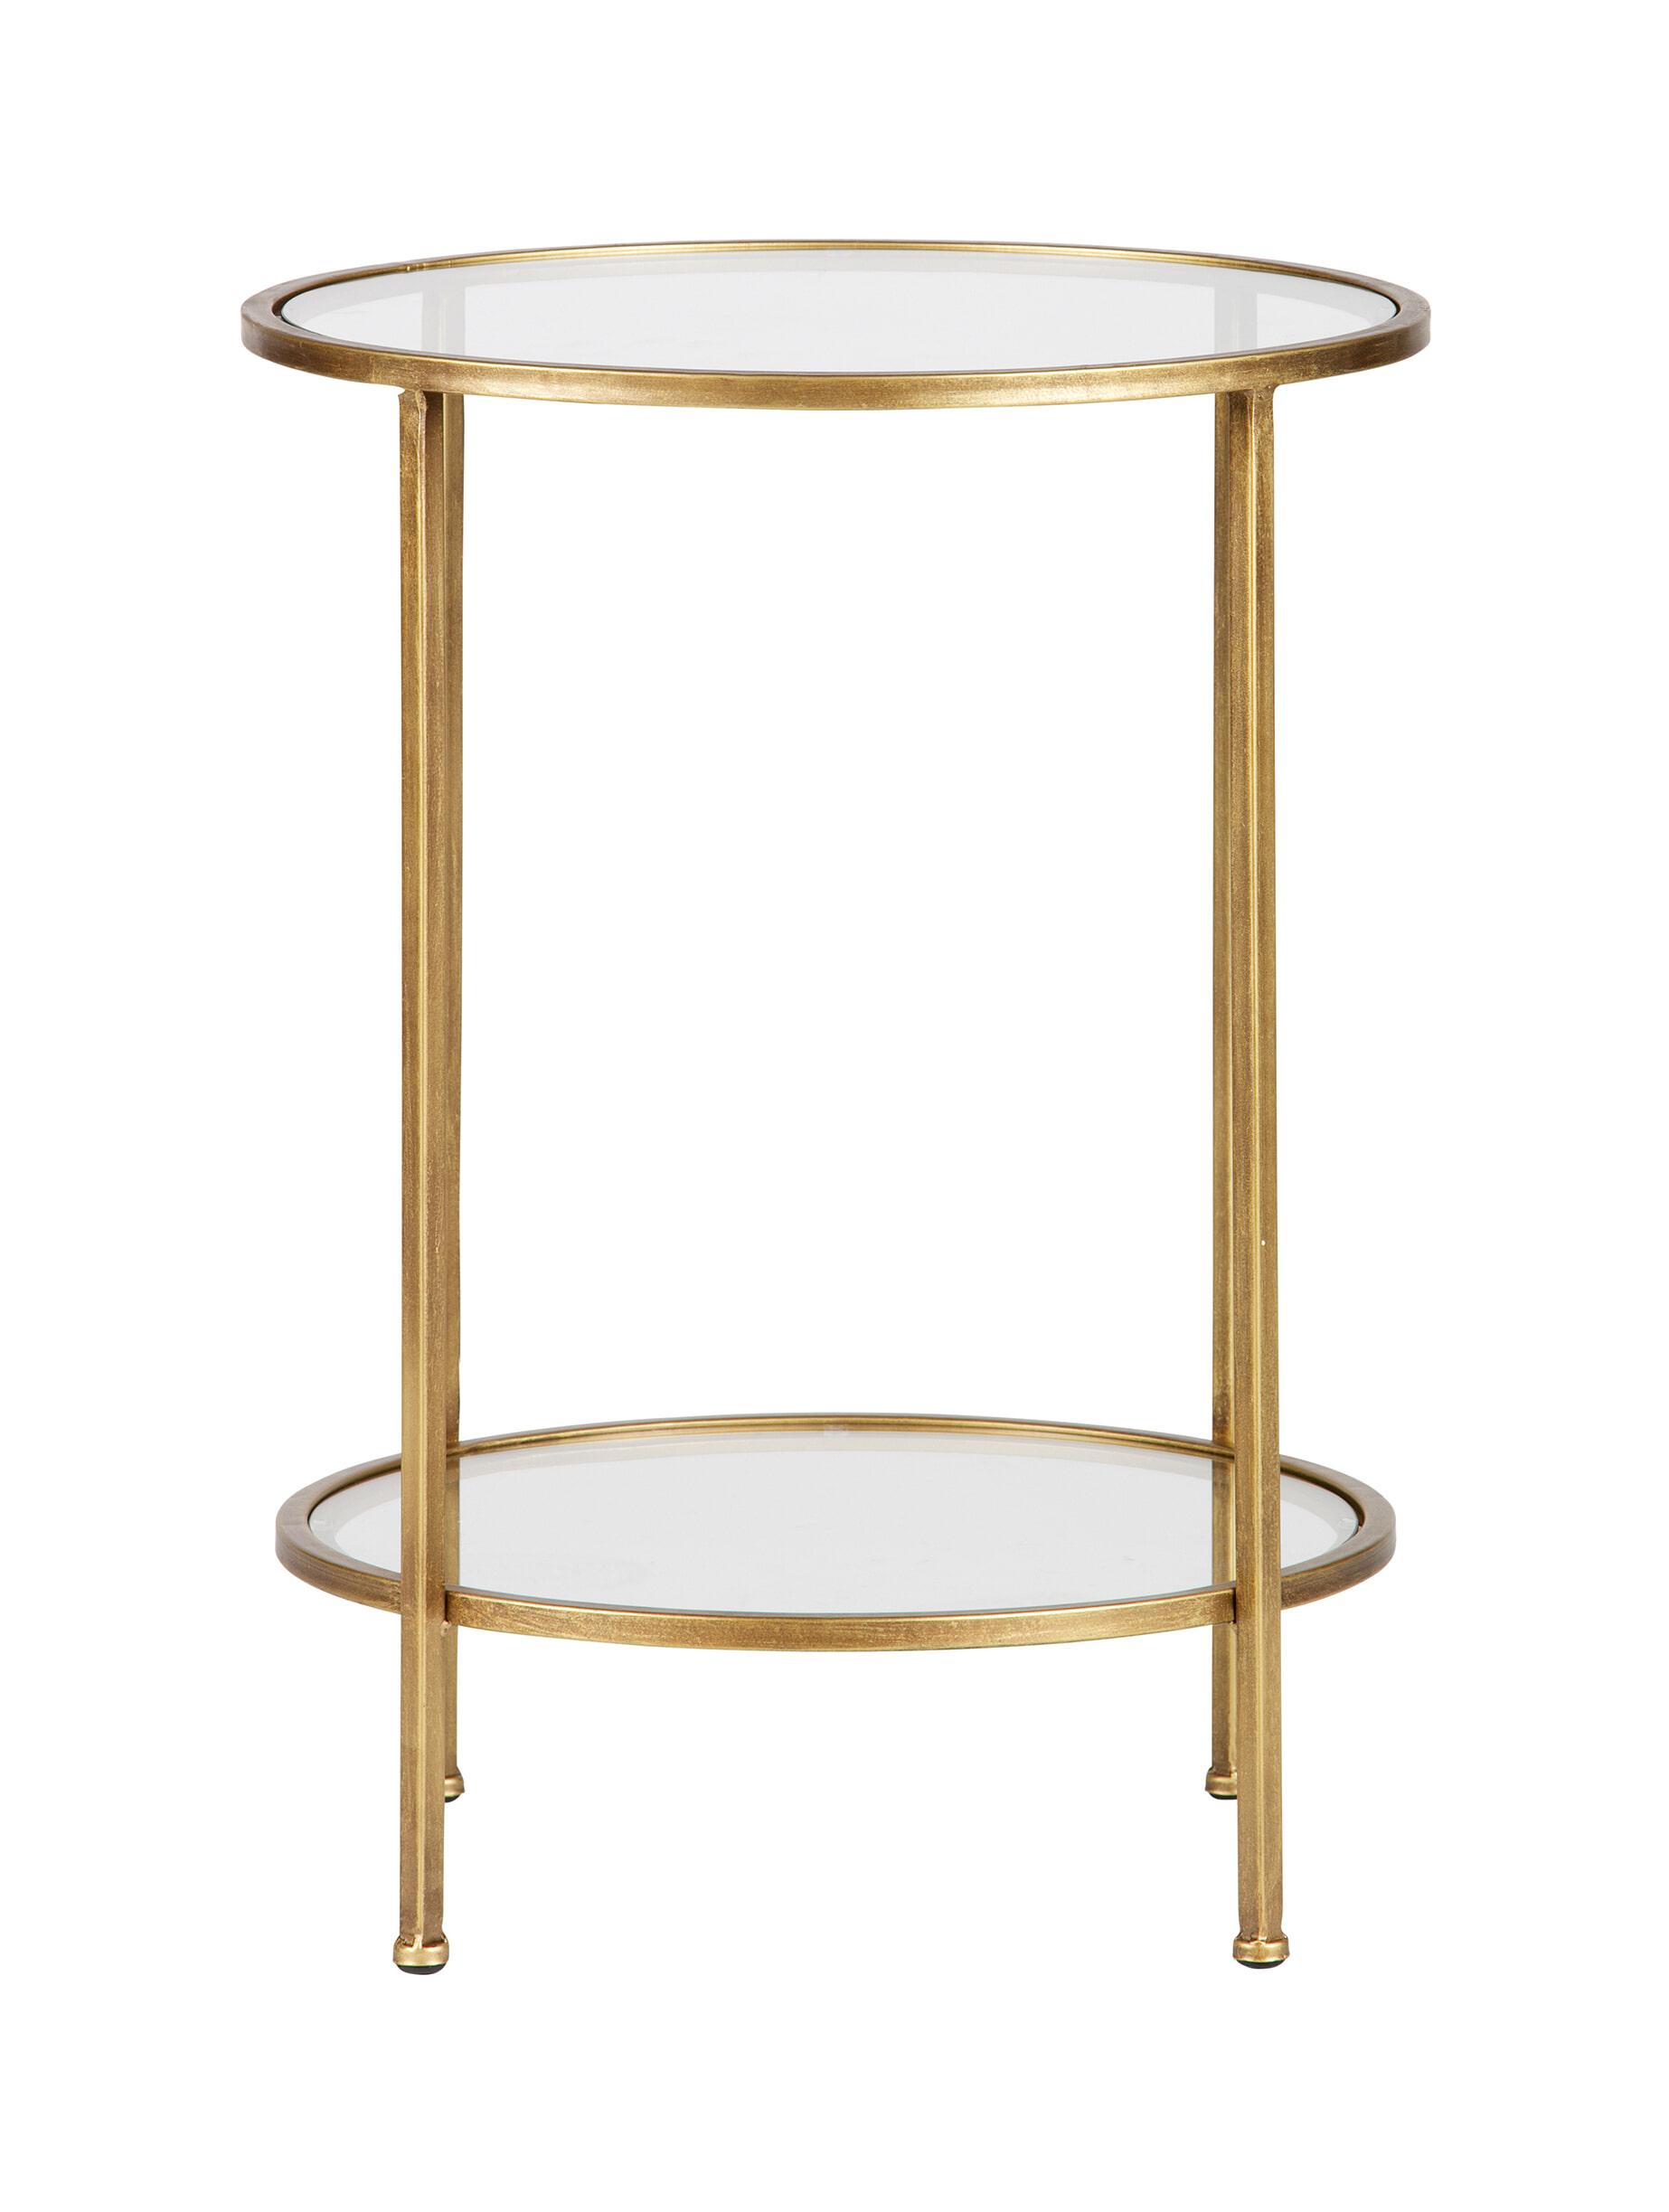 BePureHome Bijzettafel 'Goddess' 45,5cm, kleur Antique Brass Metaal met antieke afwerking en glas aanschaffen? Kijk hier!